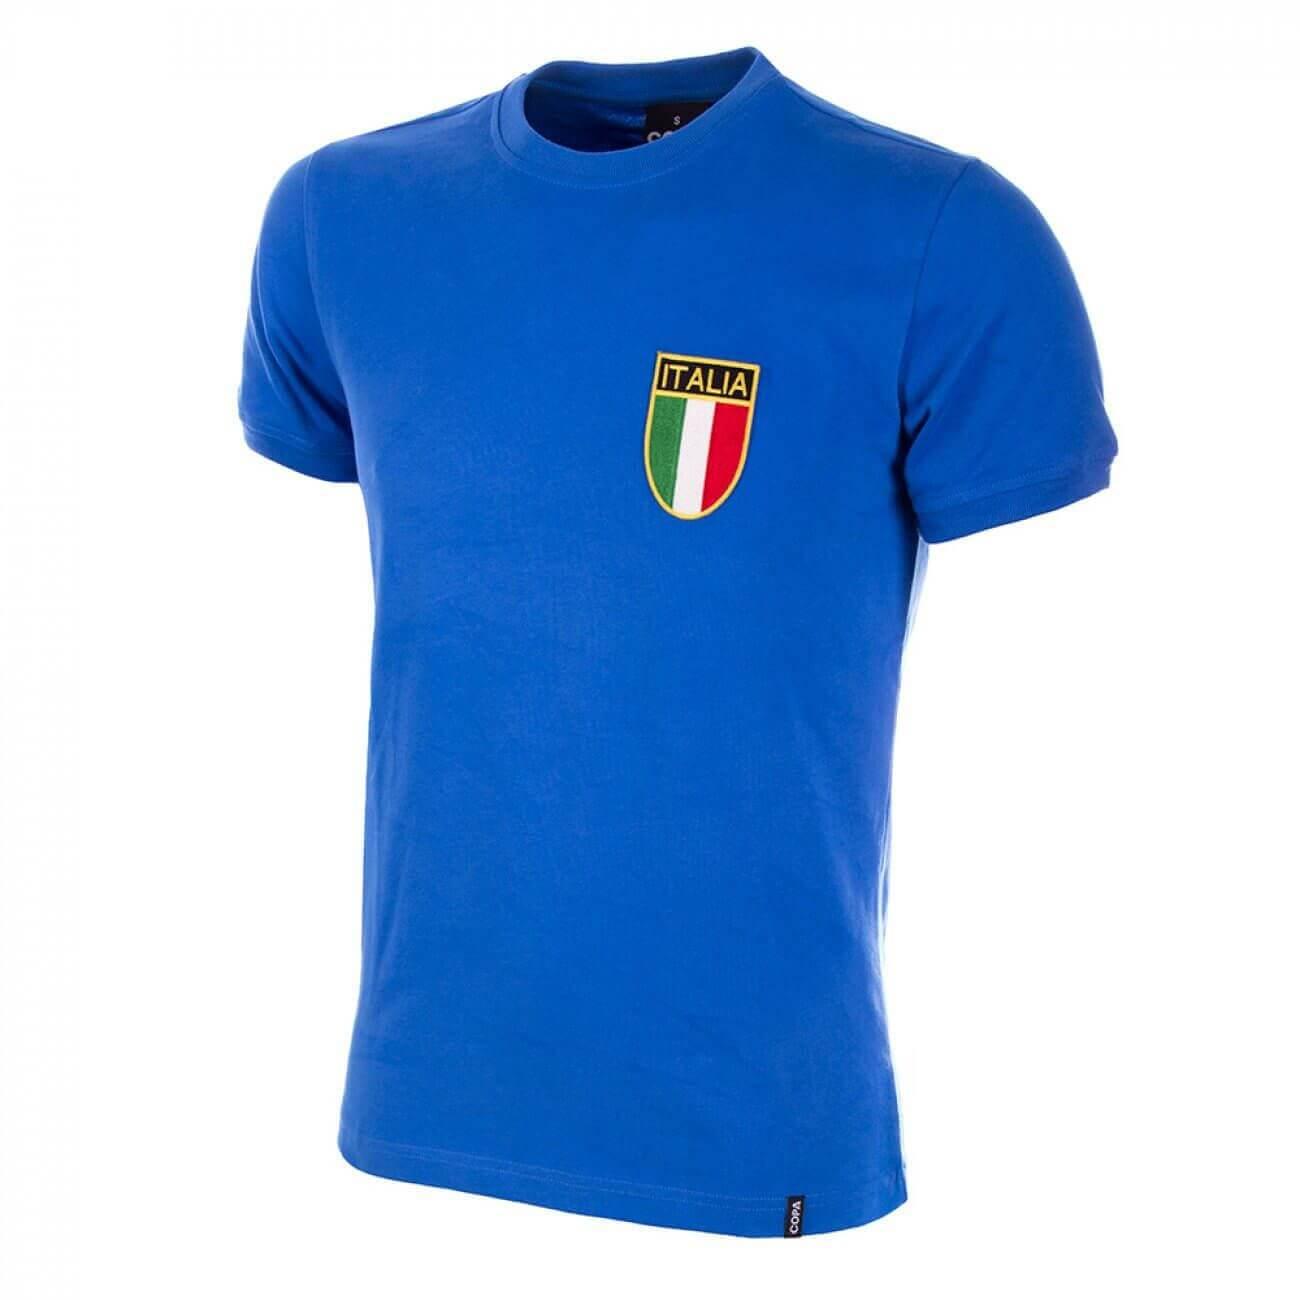 Camiseta antigua Italia 1968 - 1970